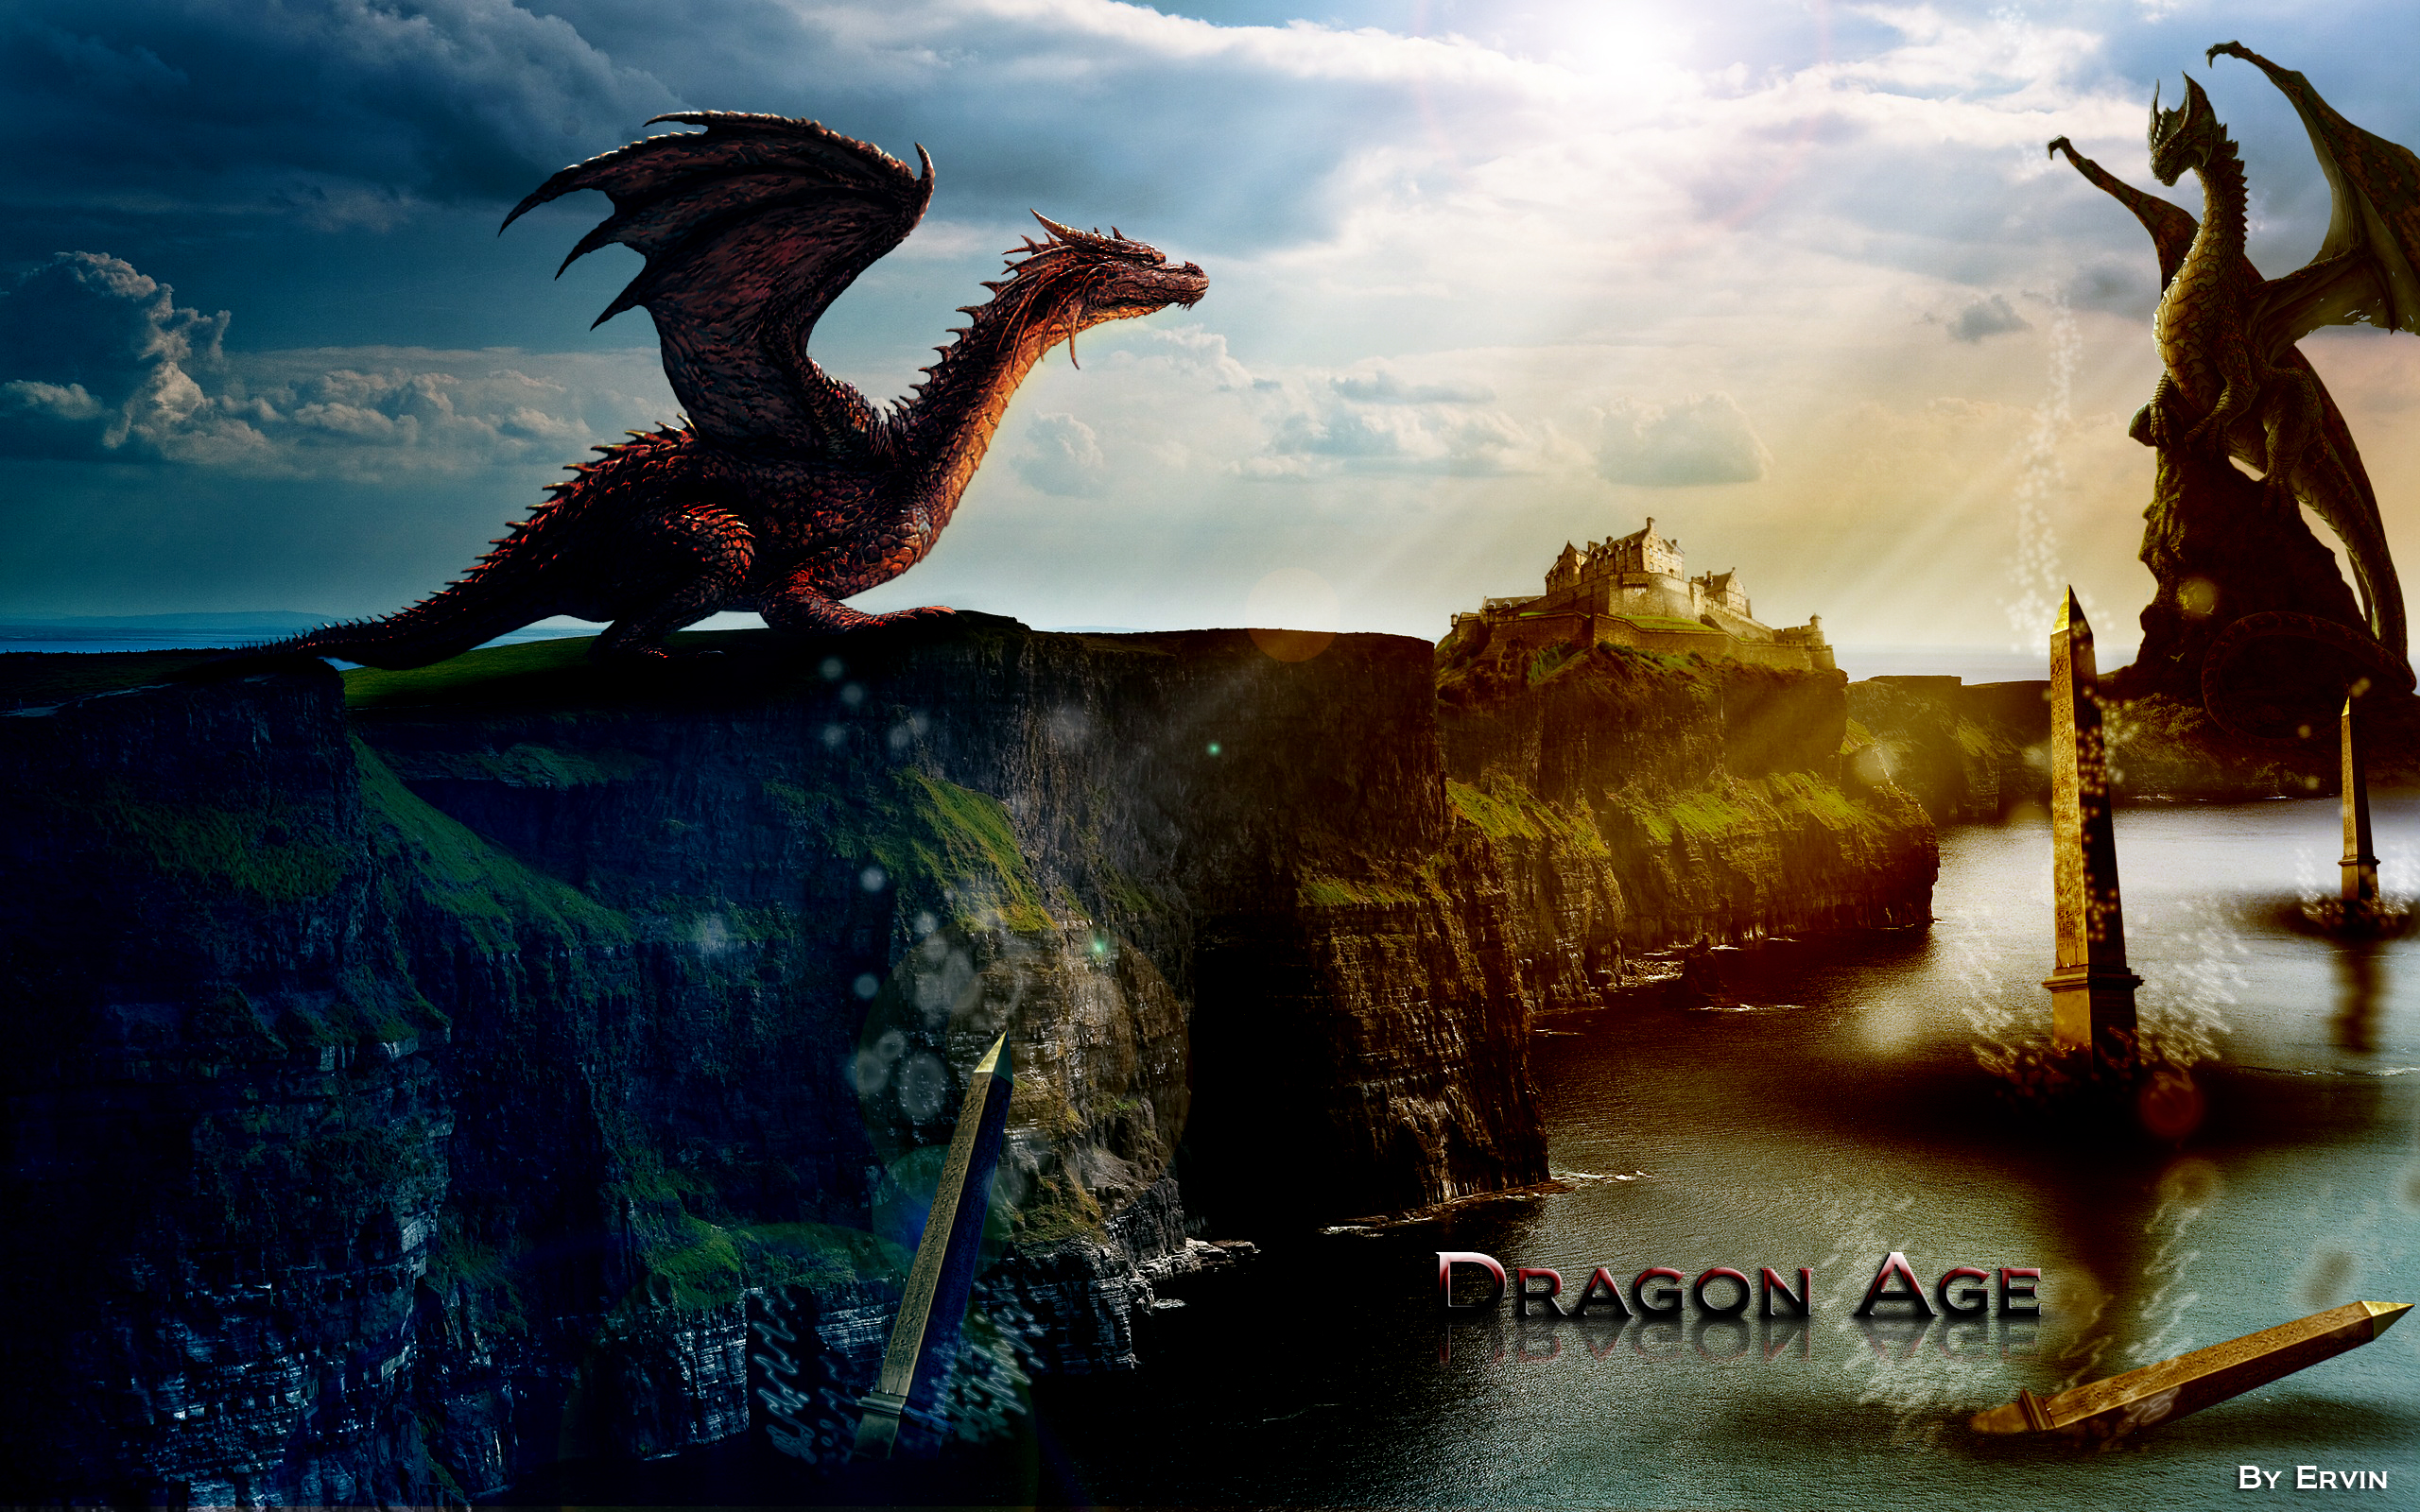 dragon age wallpaper - photo #20